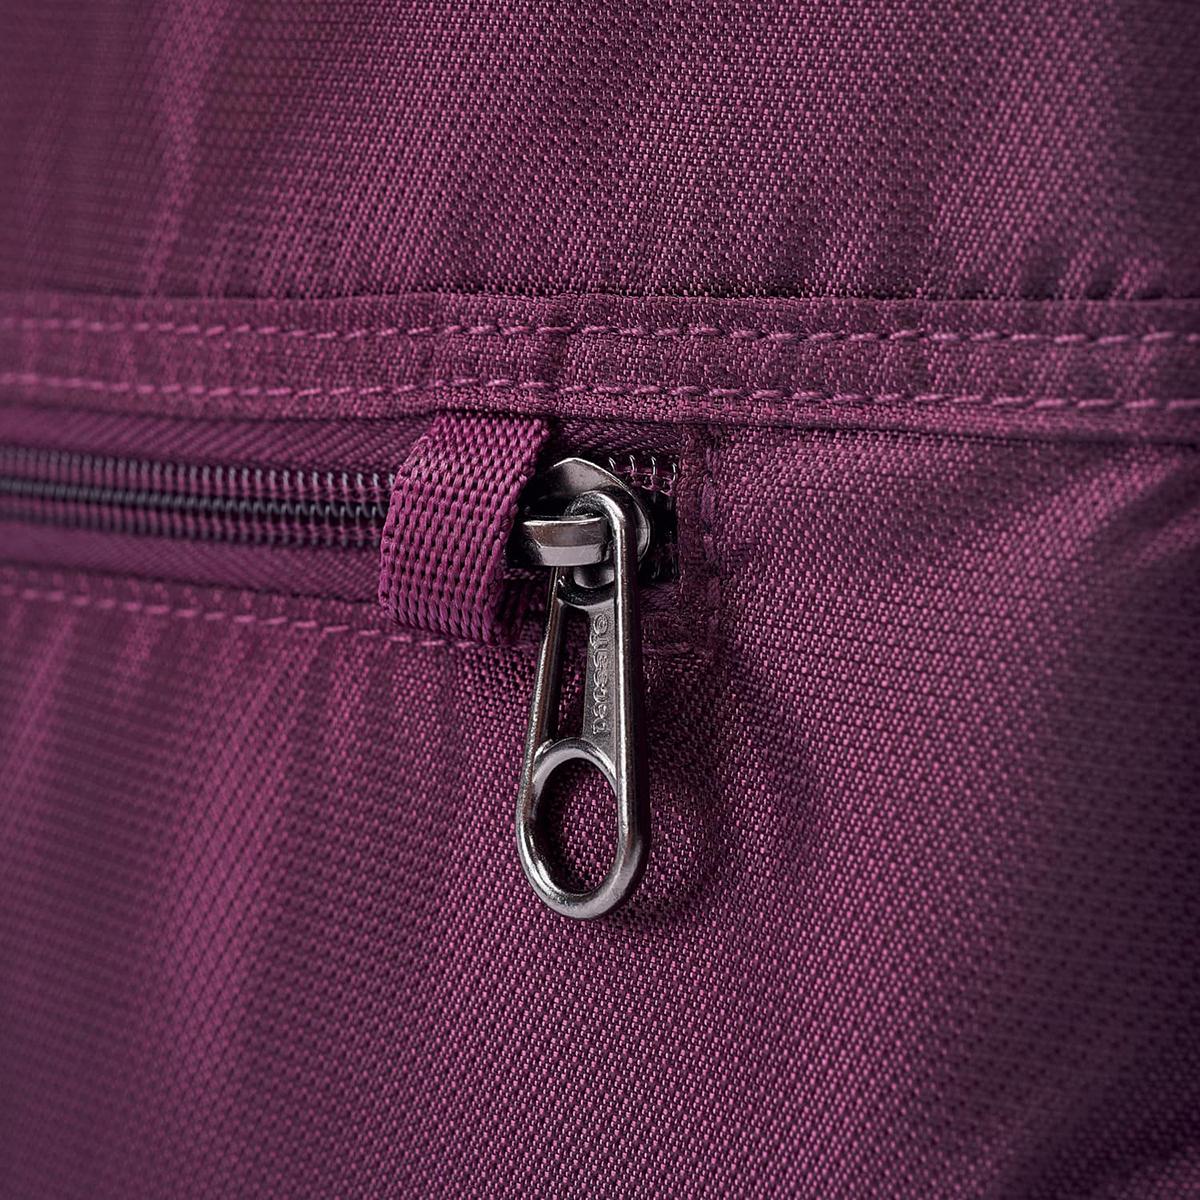 PacSafe-DaySafe-Anti-Theft-Slim-Crossbody-Bag thumbnail 13